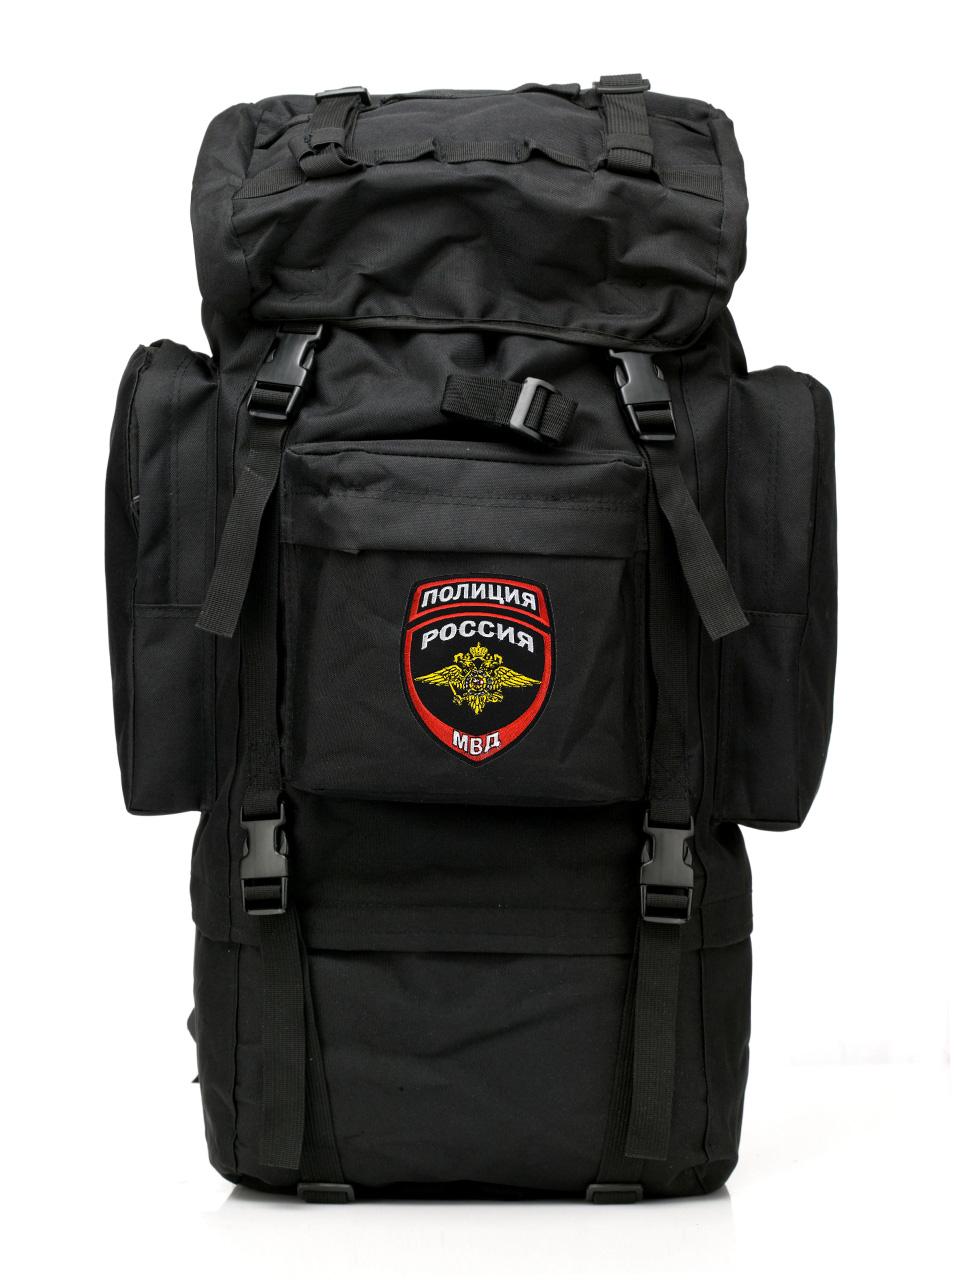 Многодневный тактический рюкзак с нашивкой Полиция России - купить в Военпро